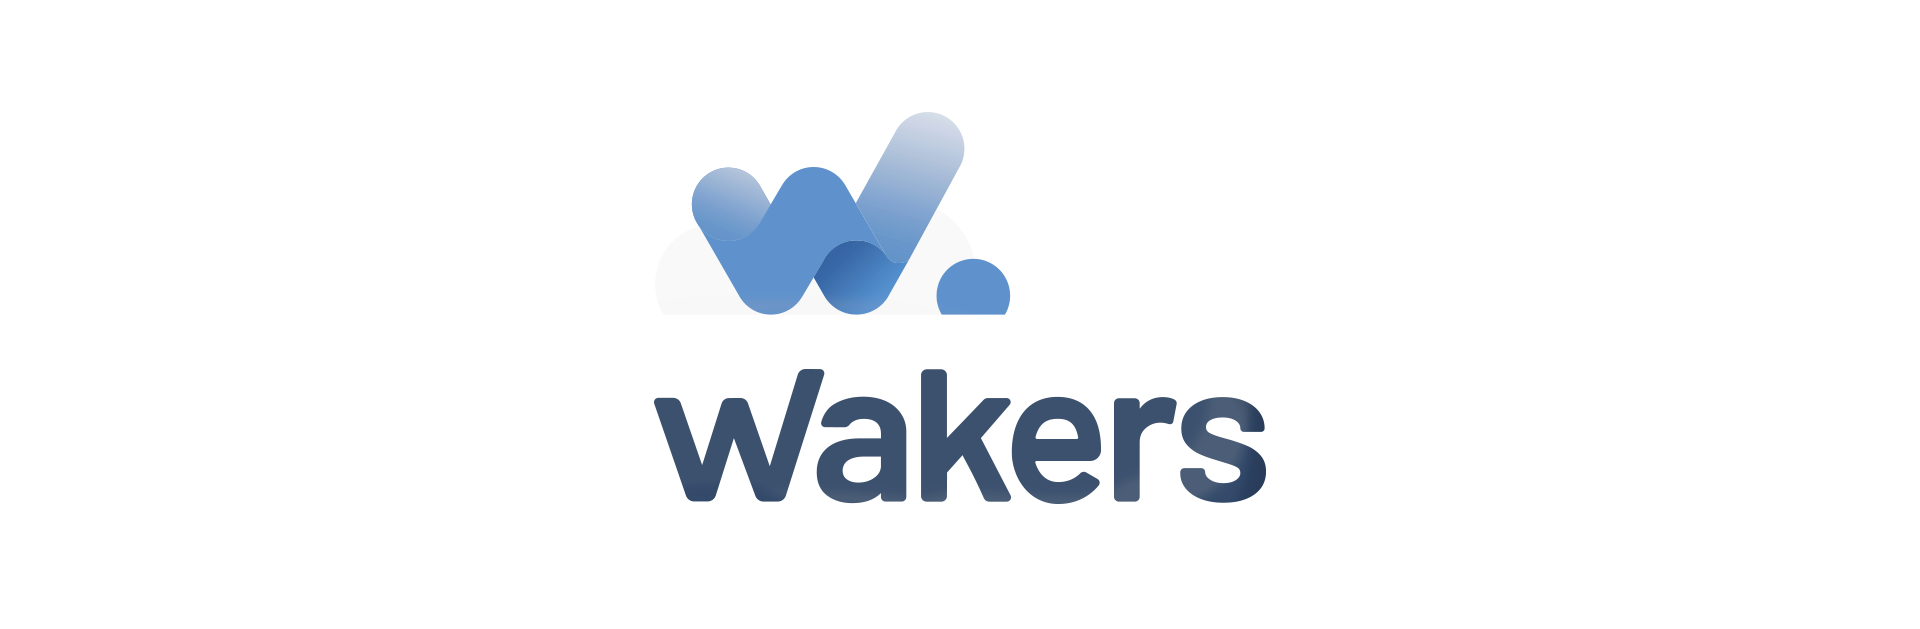 wakerslogointroWakers-logo-copie-28